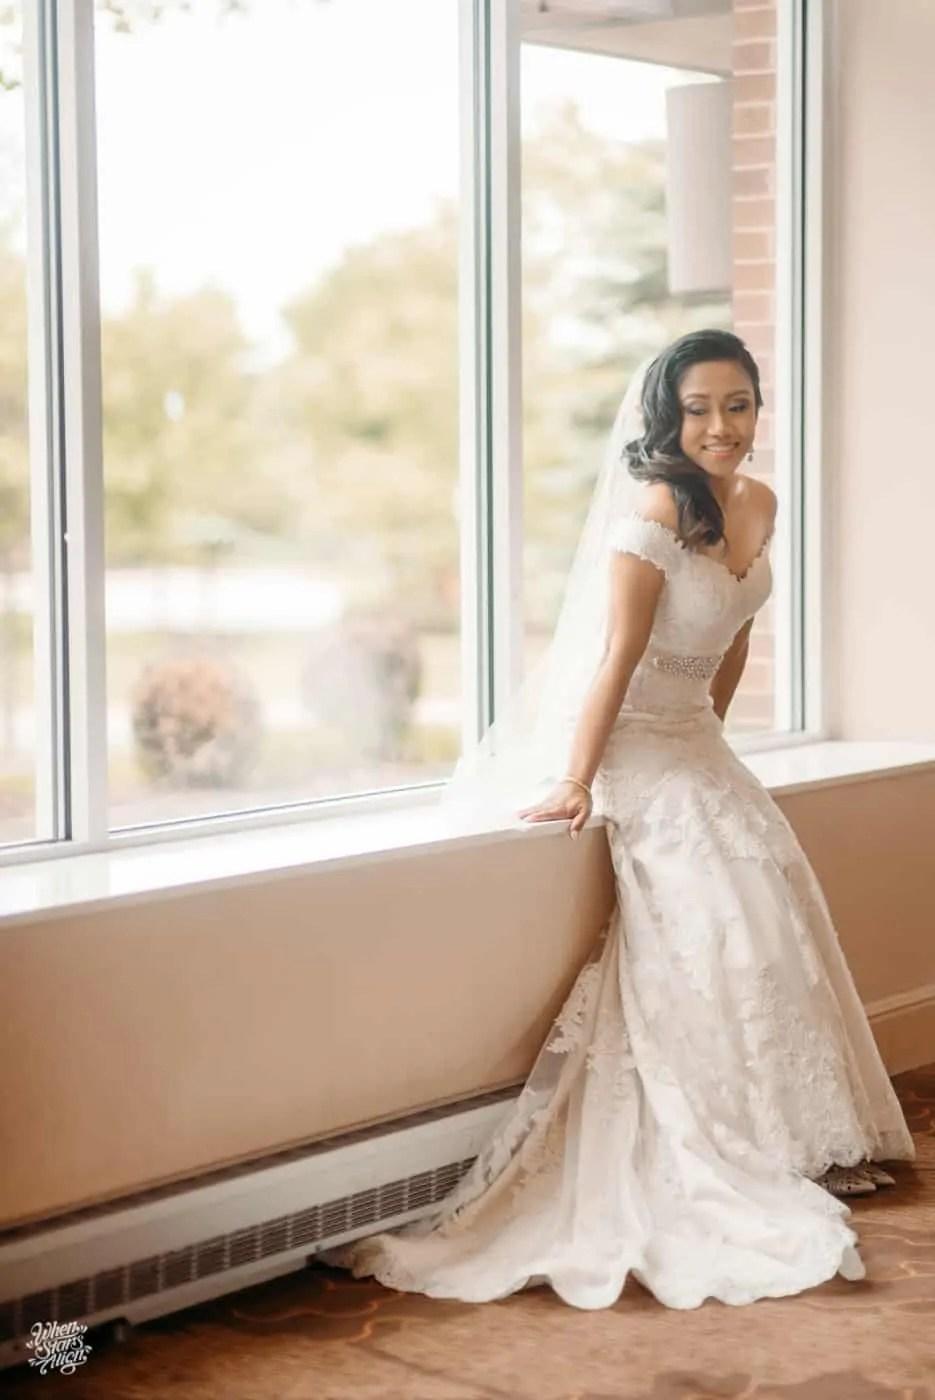 zach-diana-wedding-39